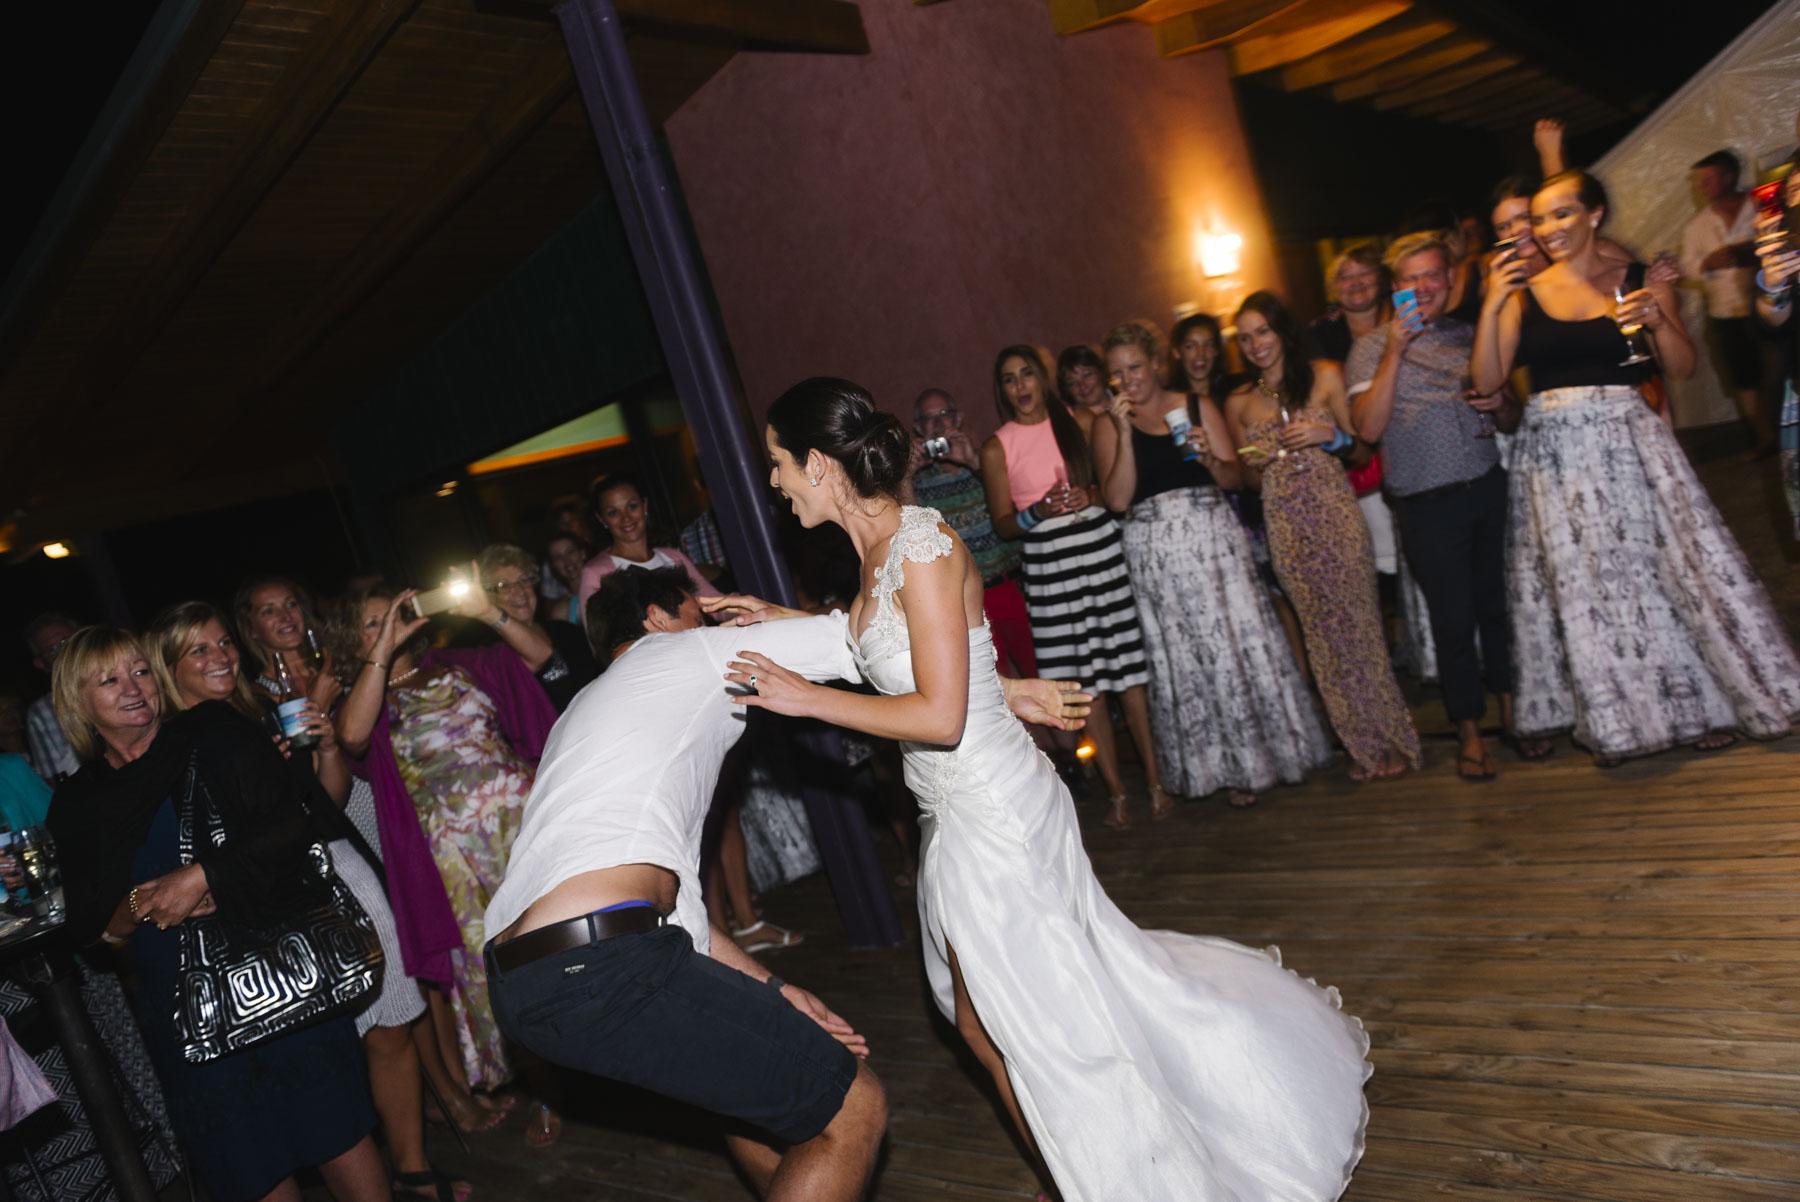 1501curchill-507alan_moyle_wedding_portrait_brighton_bayside_bay_of_fires_rustic_styled_rustic_beach_candid_documentry_binalongbay_tasmania_destination.jpg